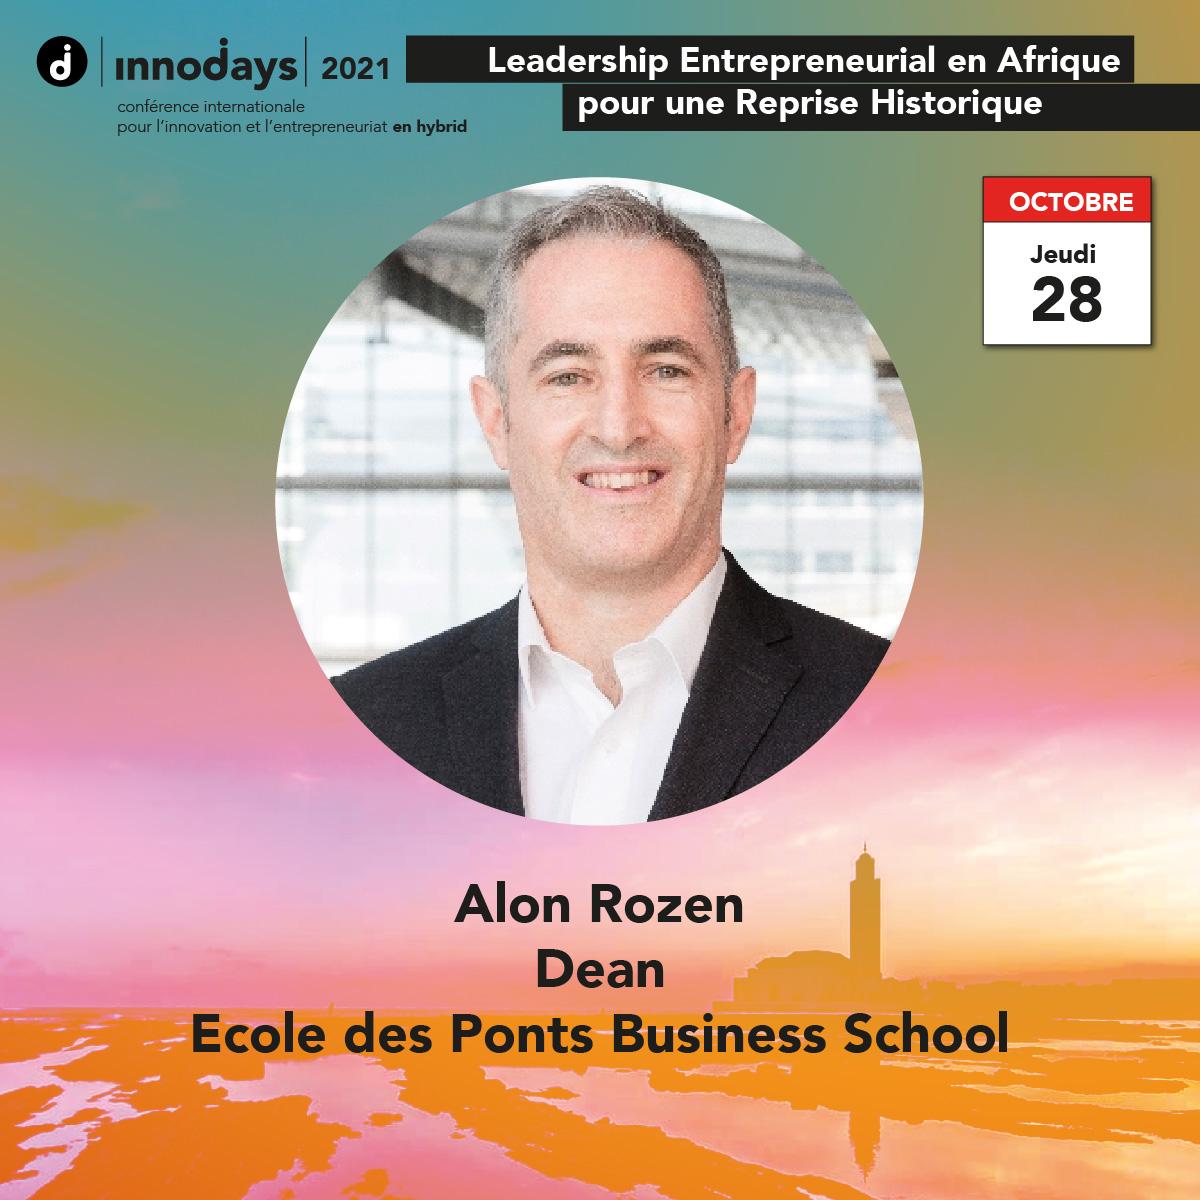 Alon Rozen - Dean - Ecole des Ponts Business School